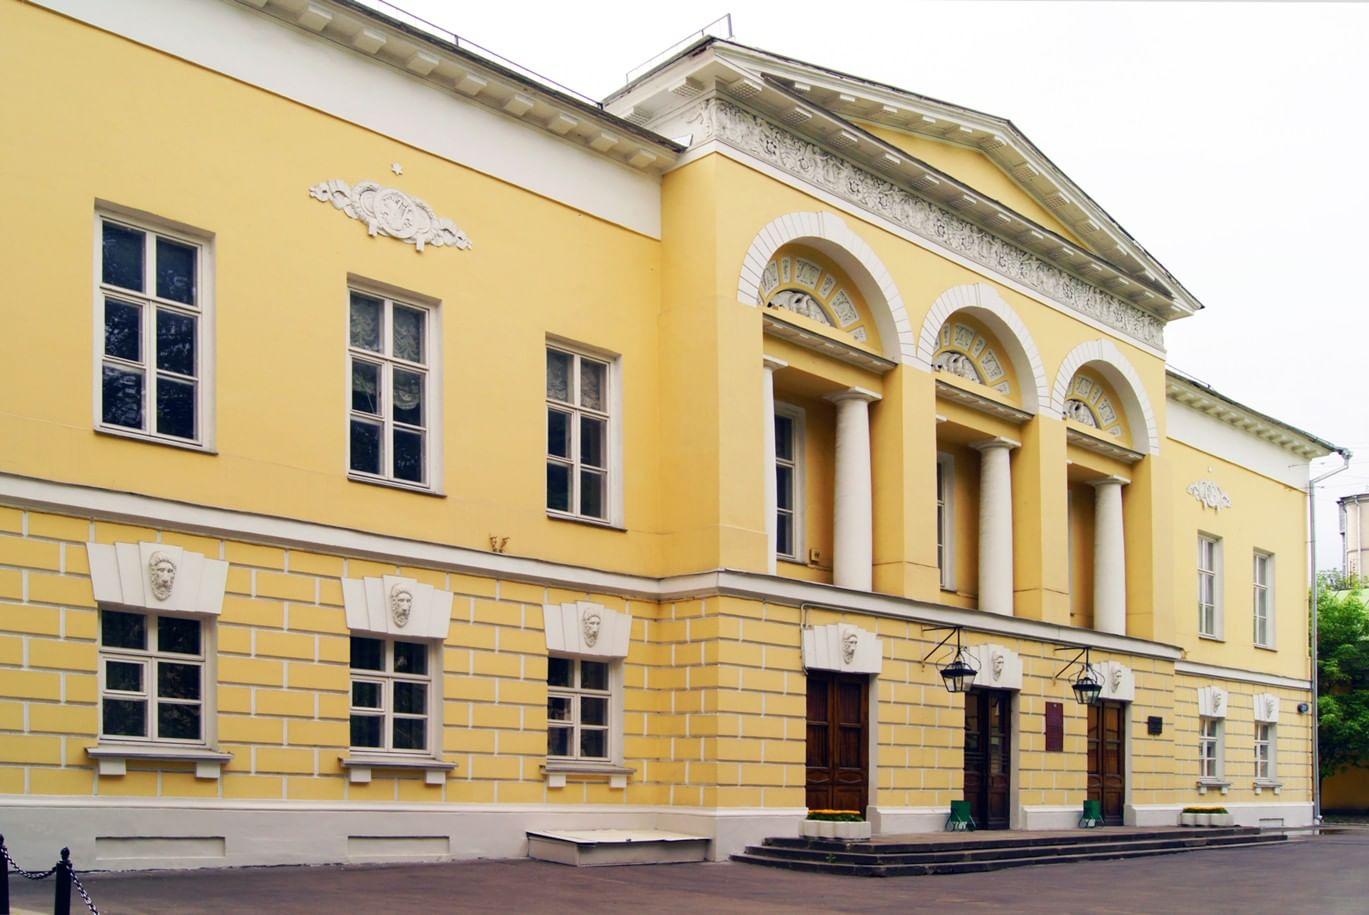 Яблочко от яблоньки: российские архитектурные династии. Галерея 3. Жилярди